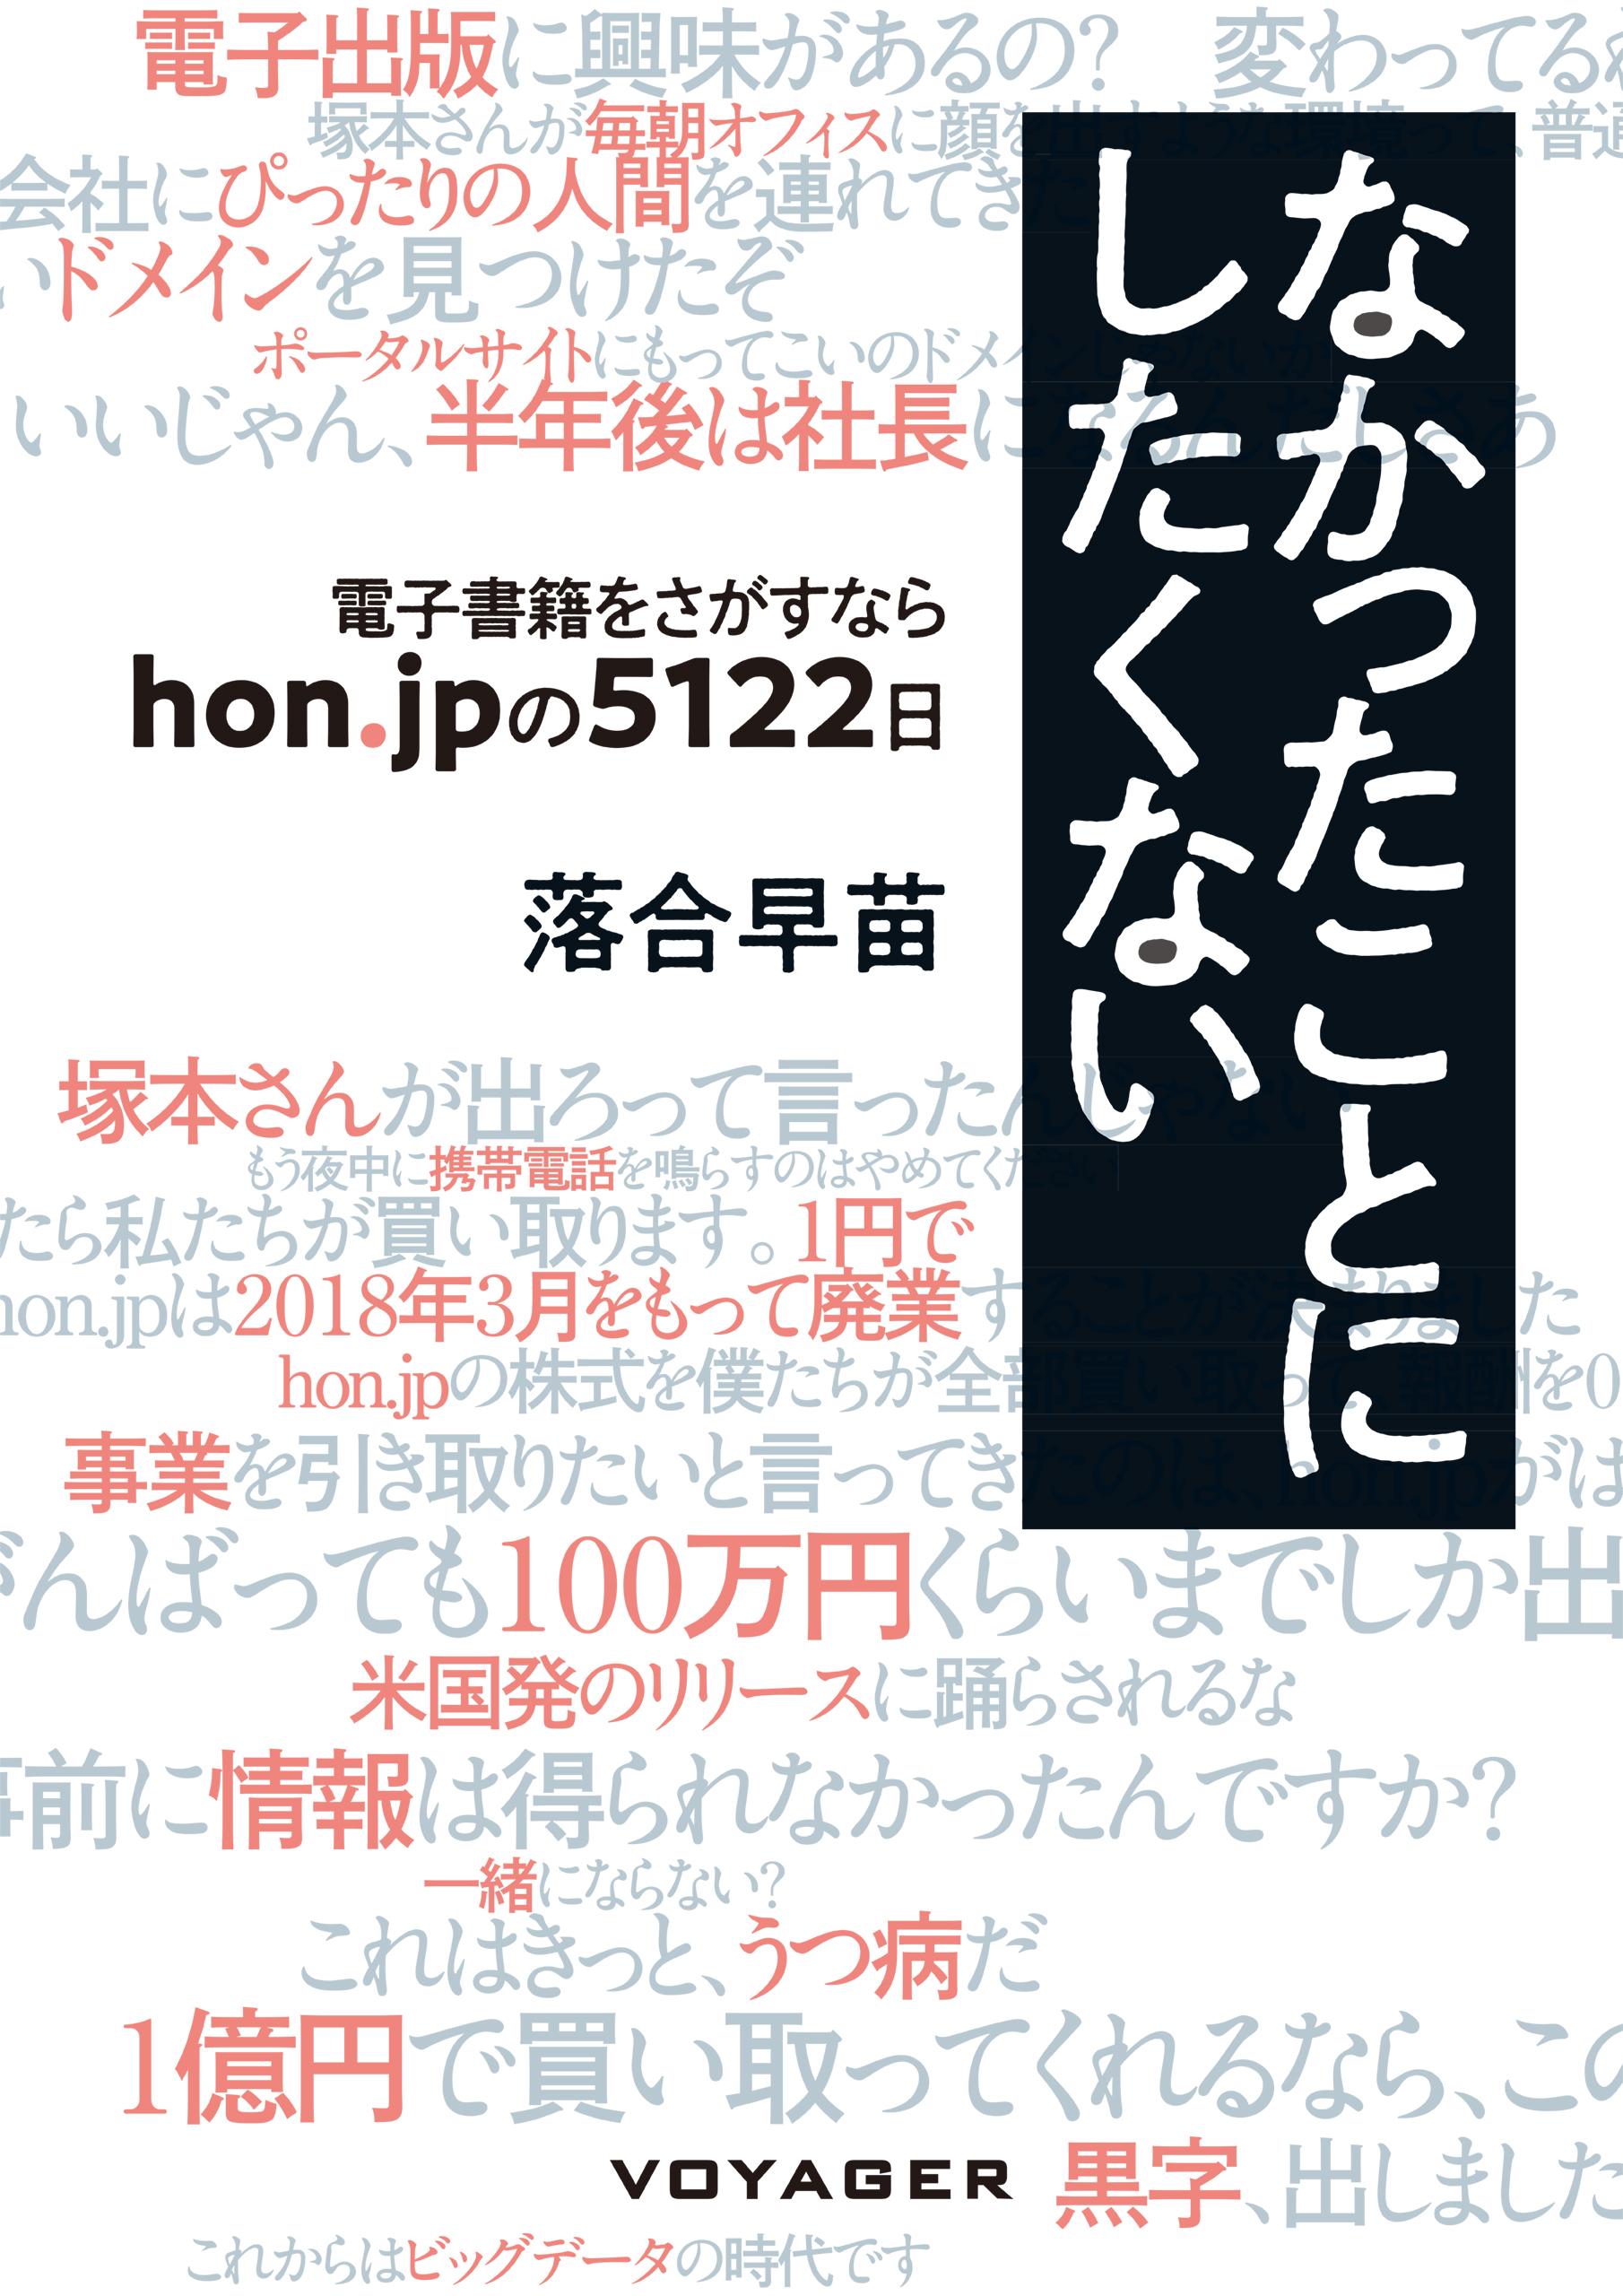 『なかったことにしたくない 〜電子書籍をさがすなら hon.jpの5122日』落合早苗